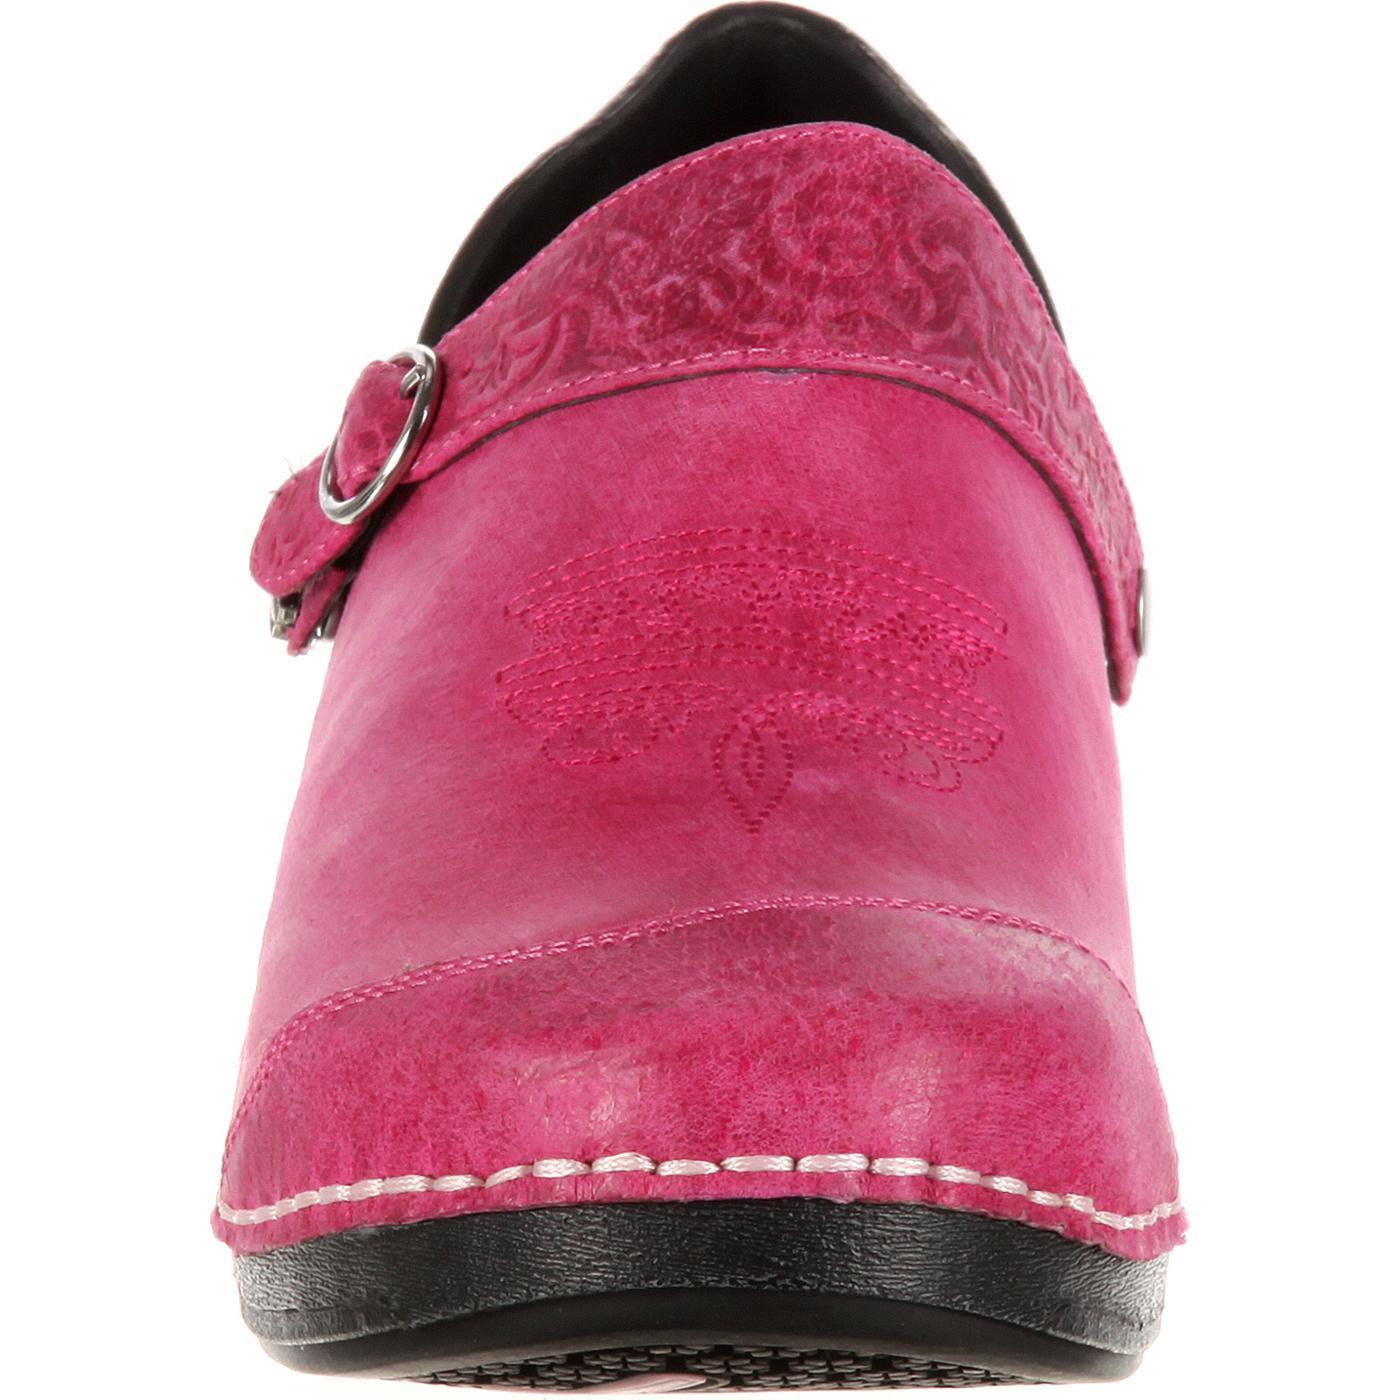 caf22bebdf976 Images. 4EurSole Inspire Me Women's Western Embellished Leather Clog ...